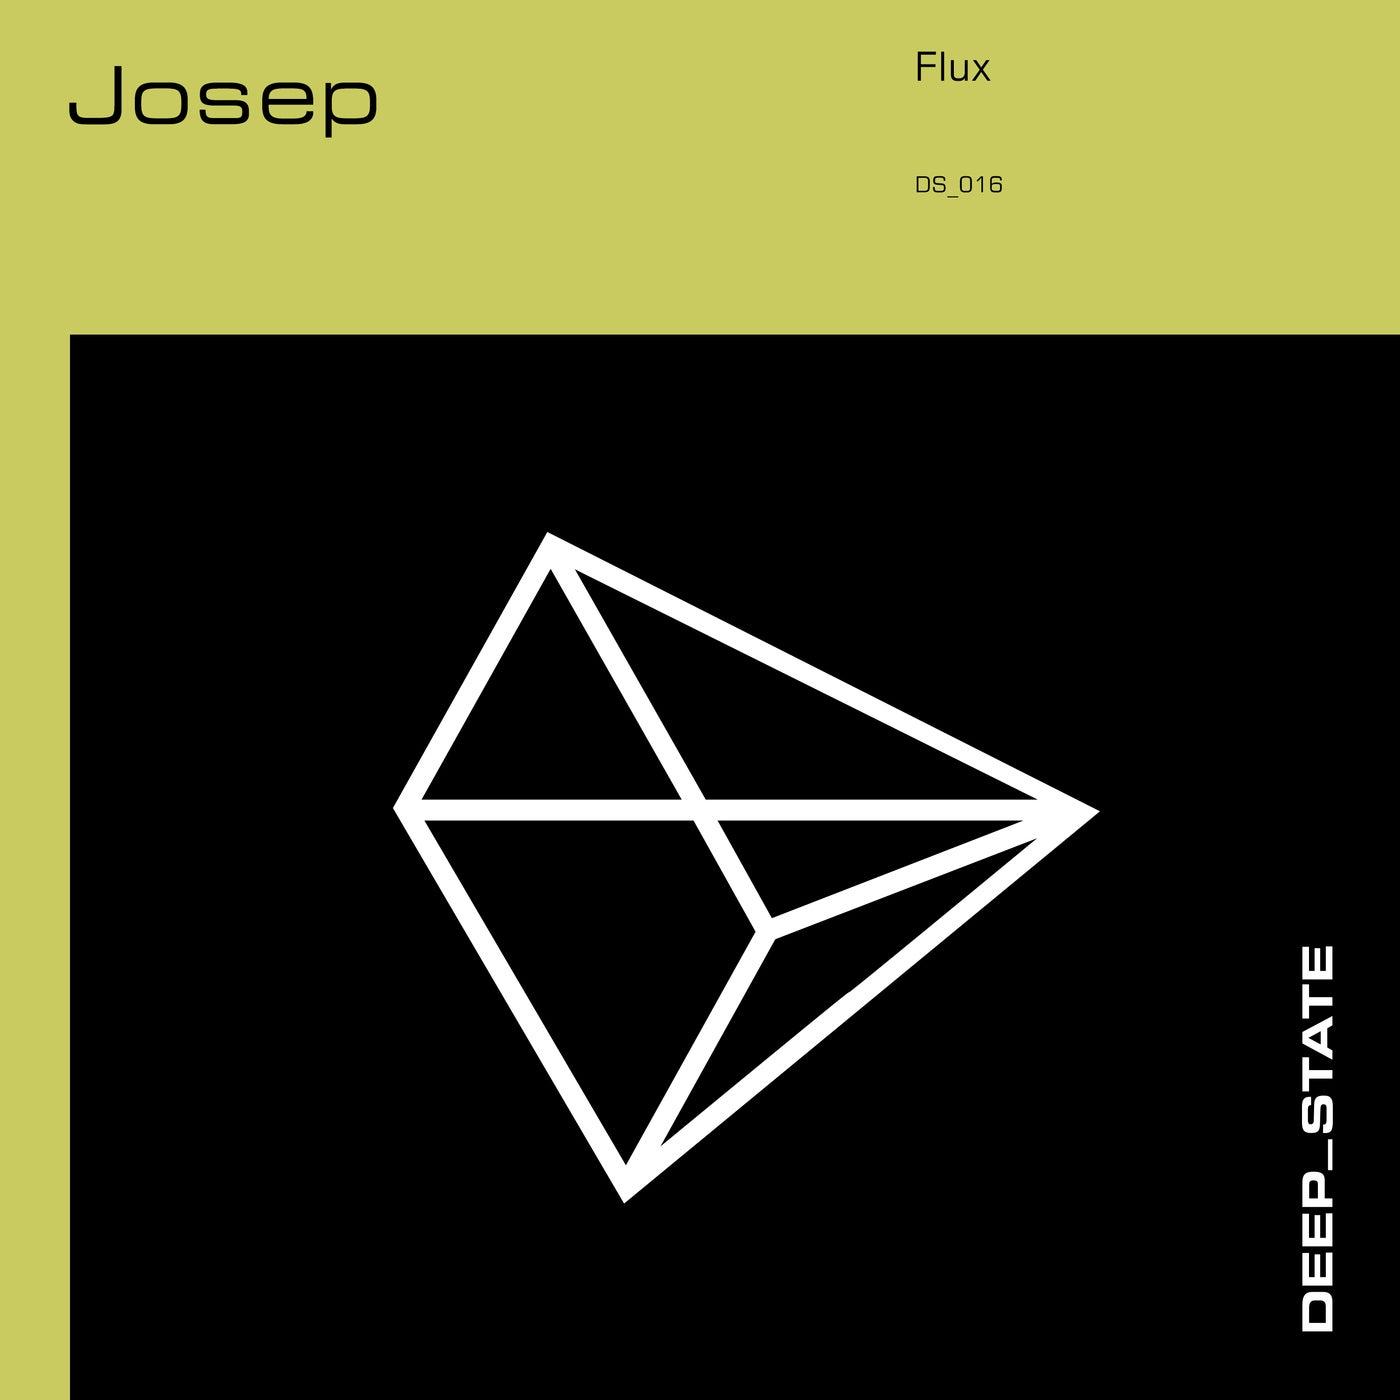 Flux (Original Mix)